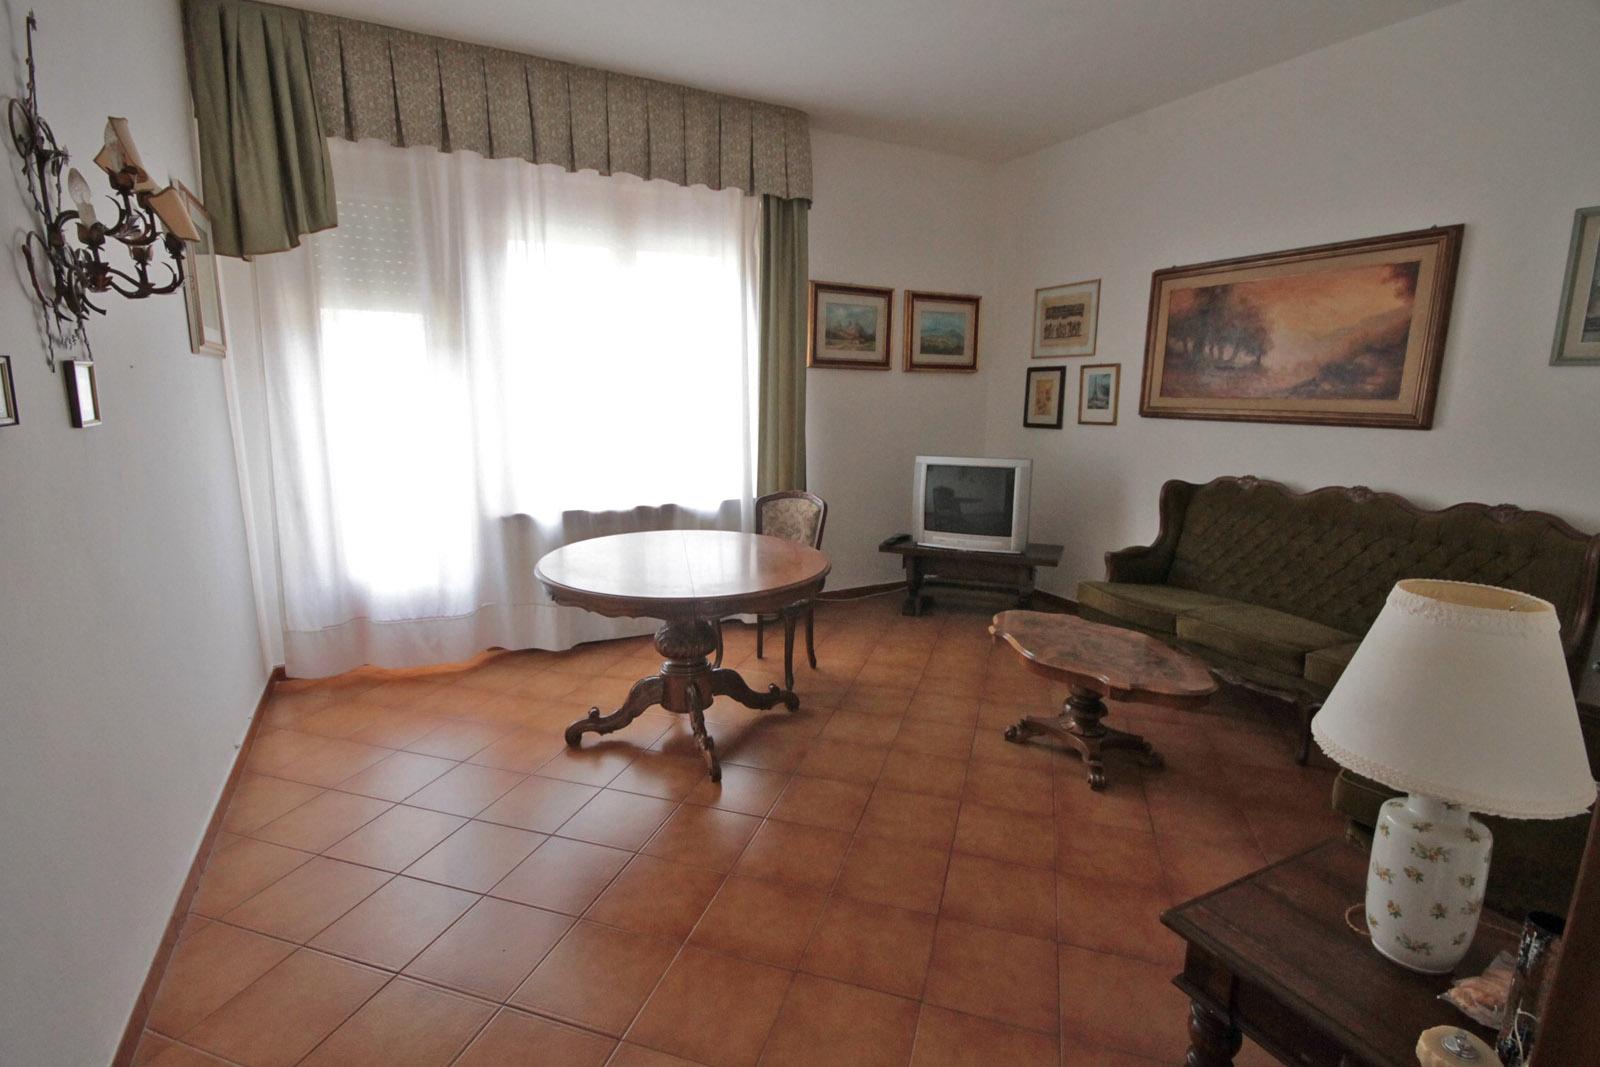 Castel del piano appartamento in vendita immobiliare 3 emme for 3 camere da letto 3 piani del bagno